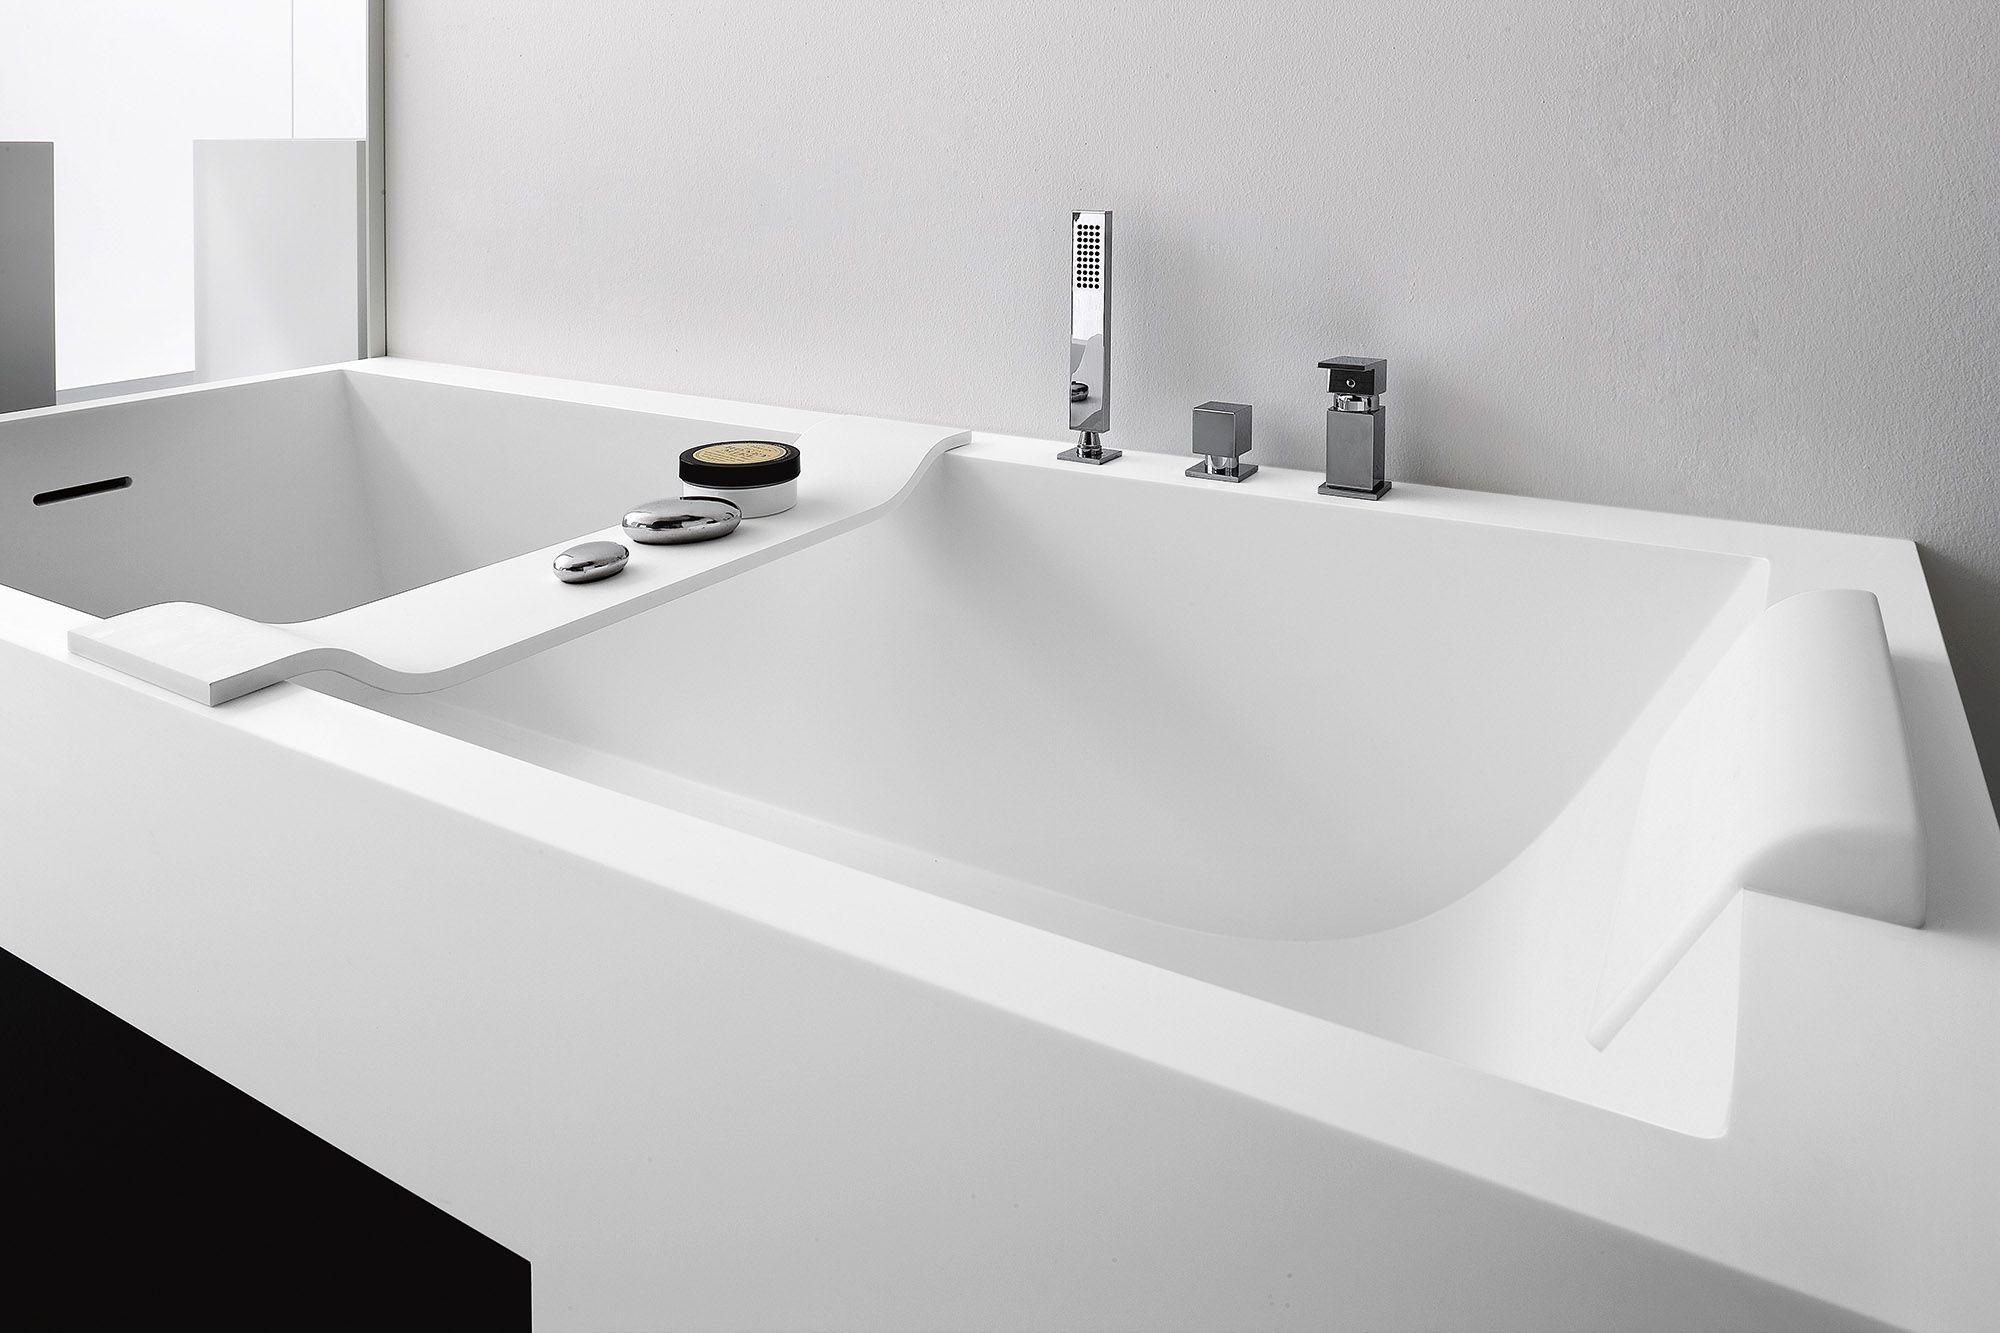 Vassoio Vasca Da Bagno : Tp pt tn bathtub caddy vassoio per vasca da bagno